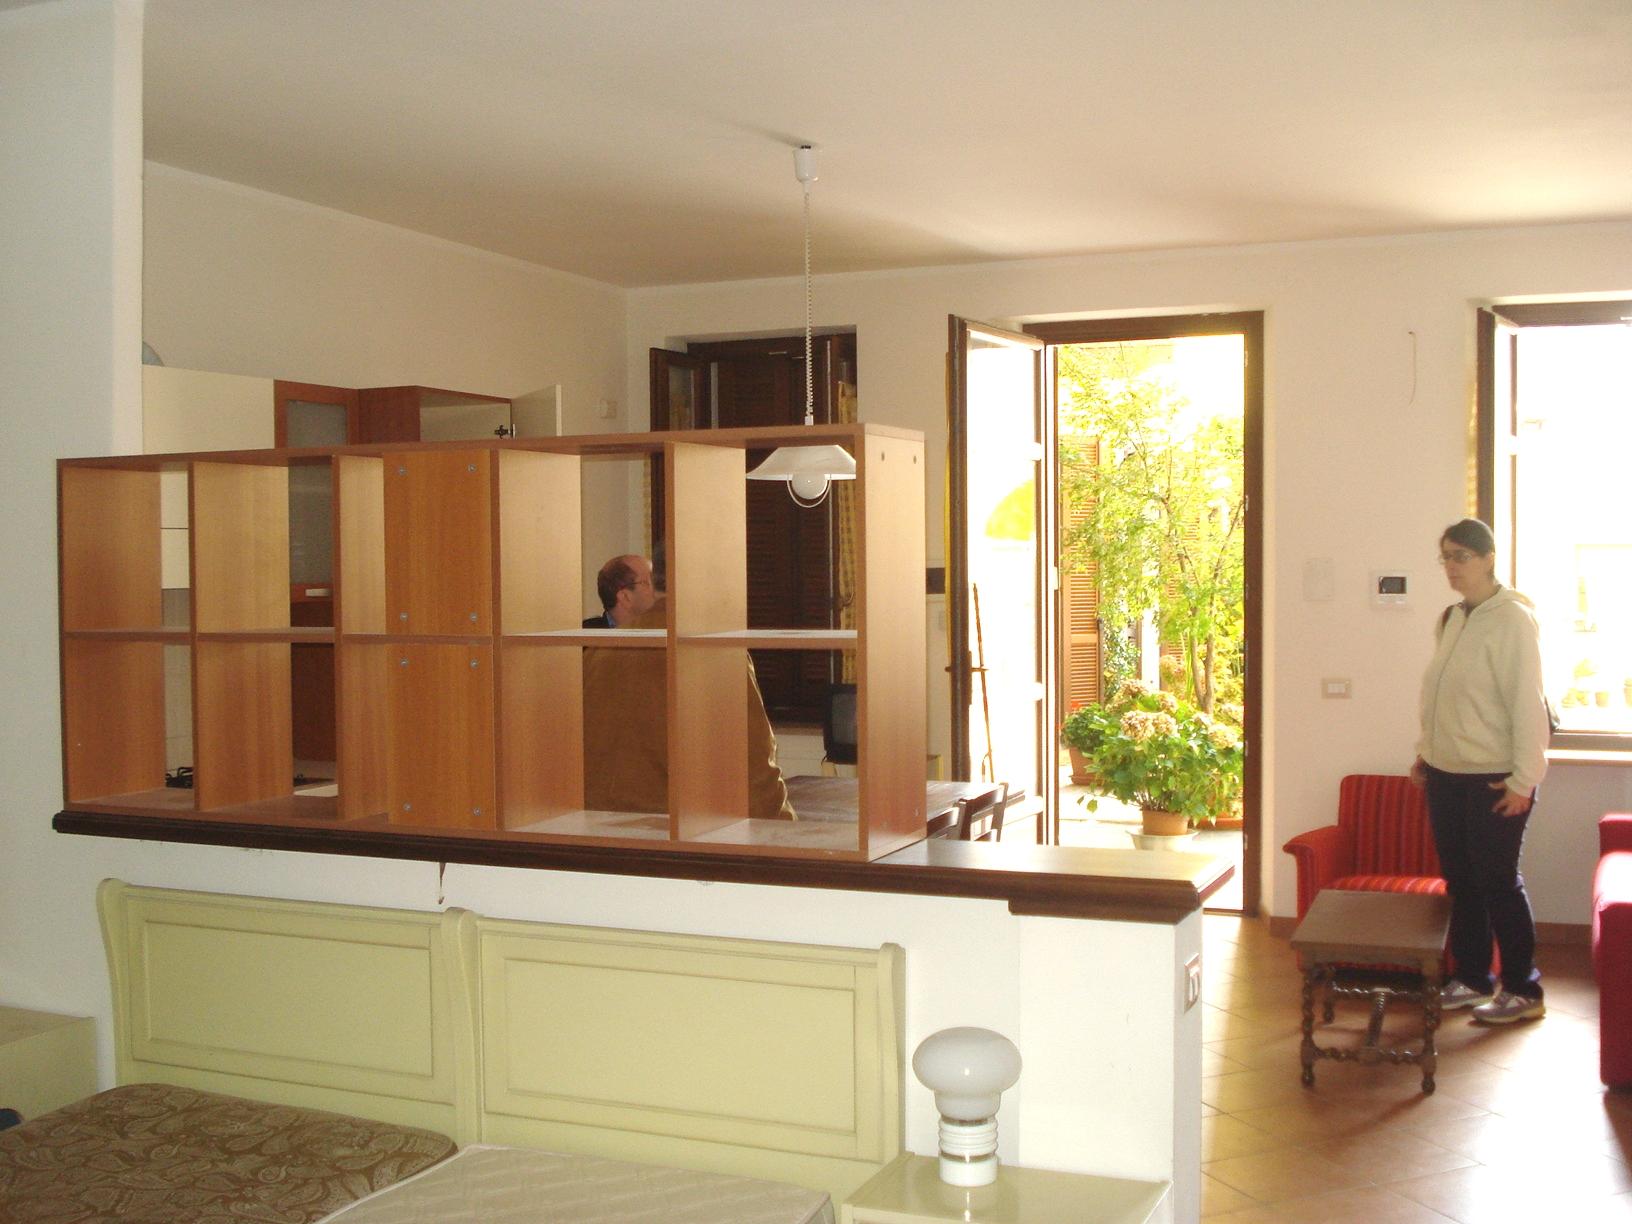 Appartamento in affitto a Biella, 2 locali, zona Zona: Centro, prezzo € 360 | Cambio Casa.it